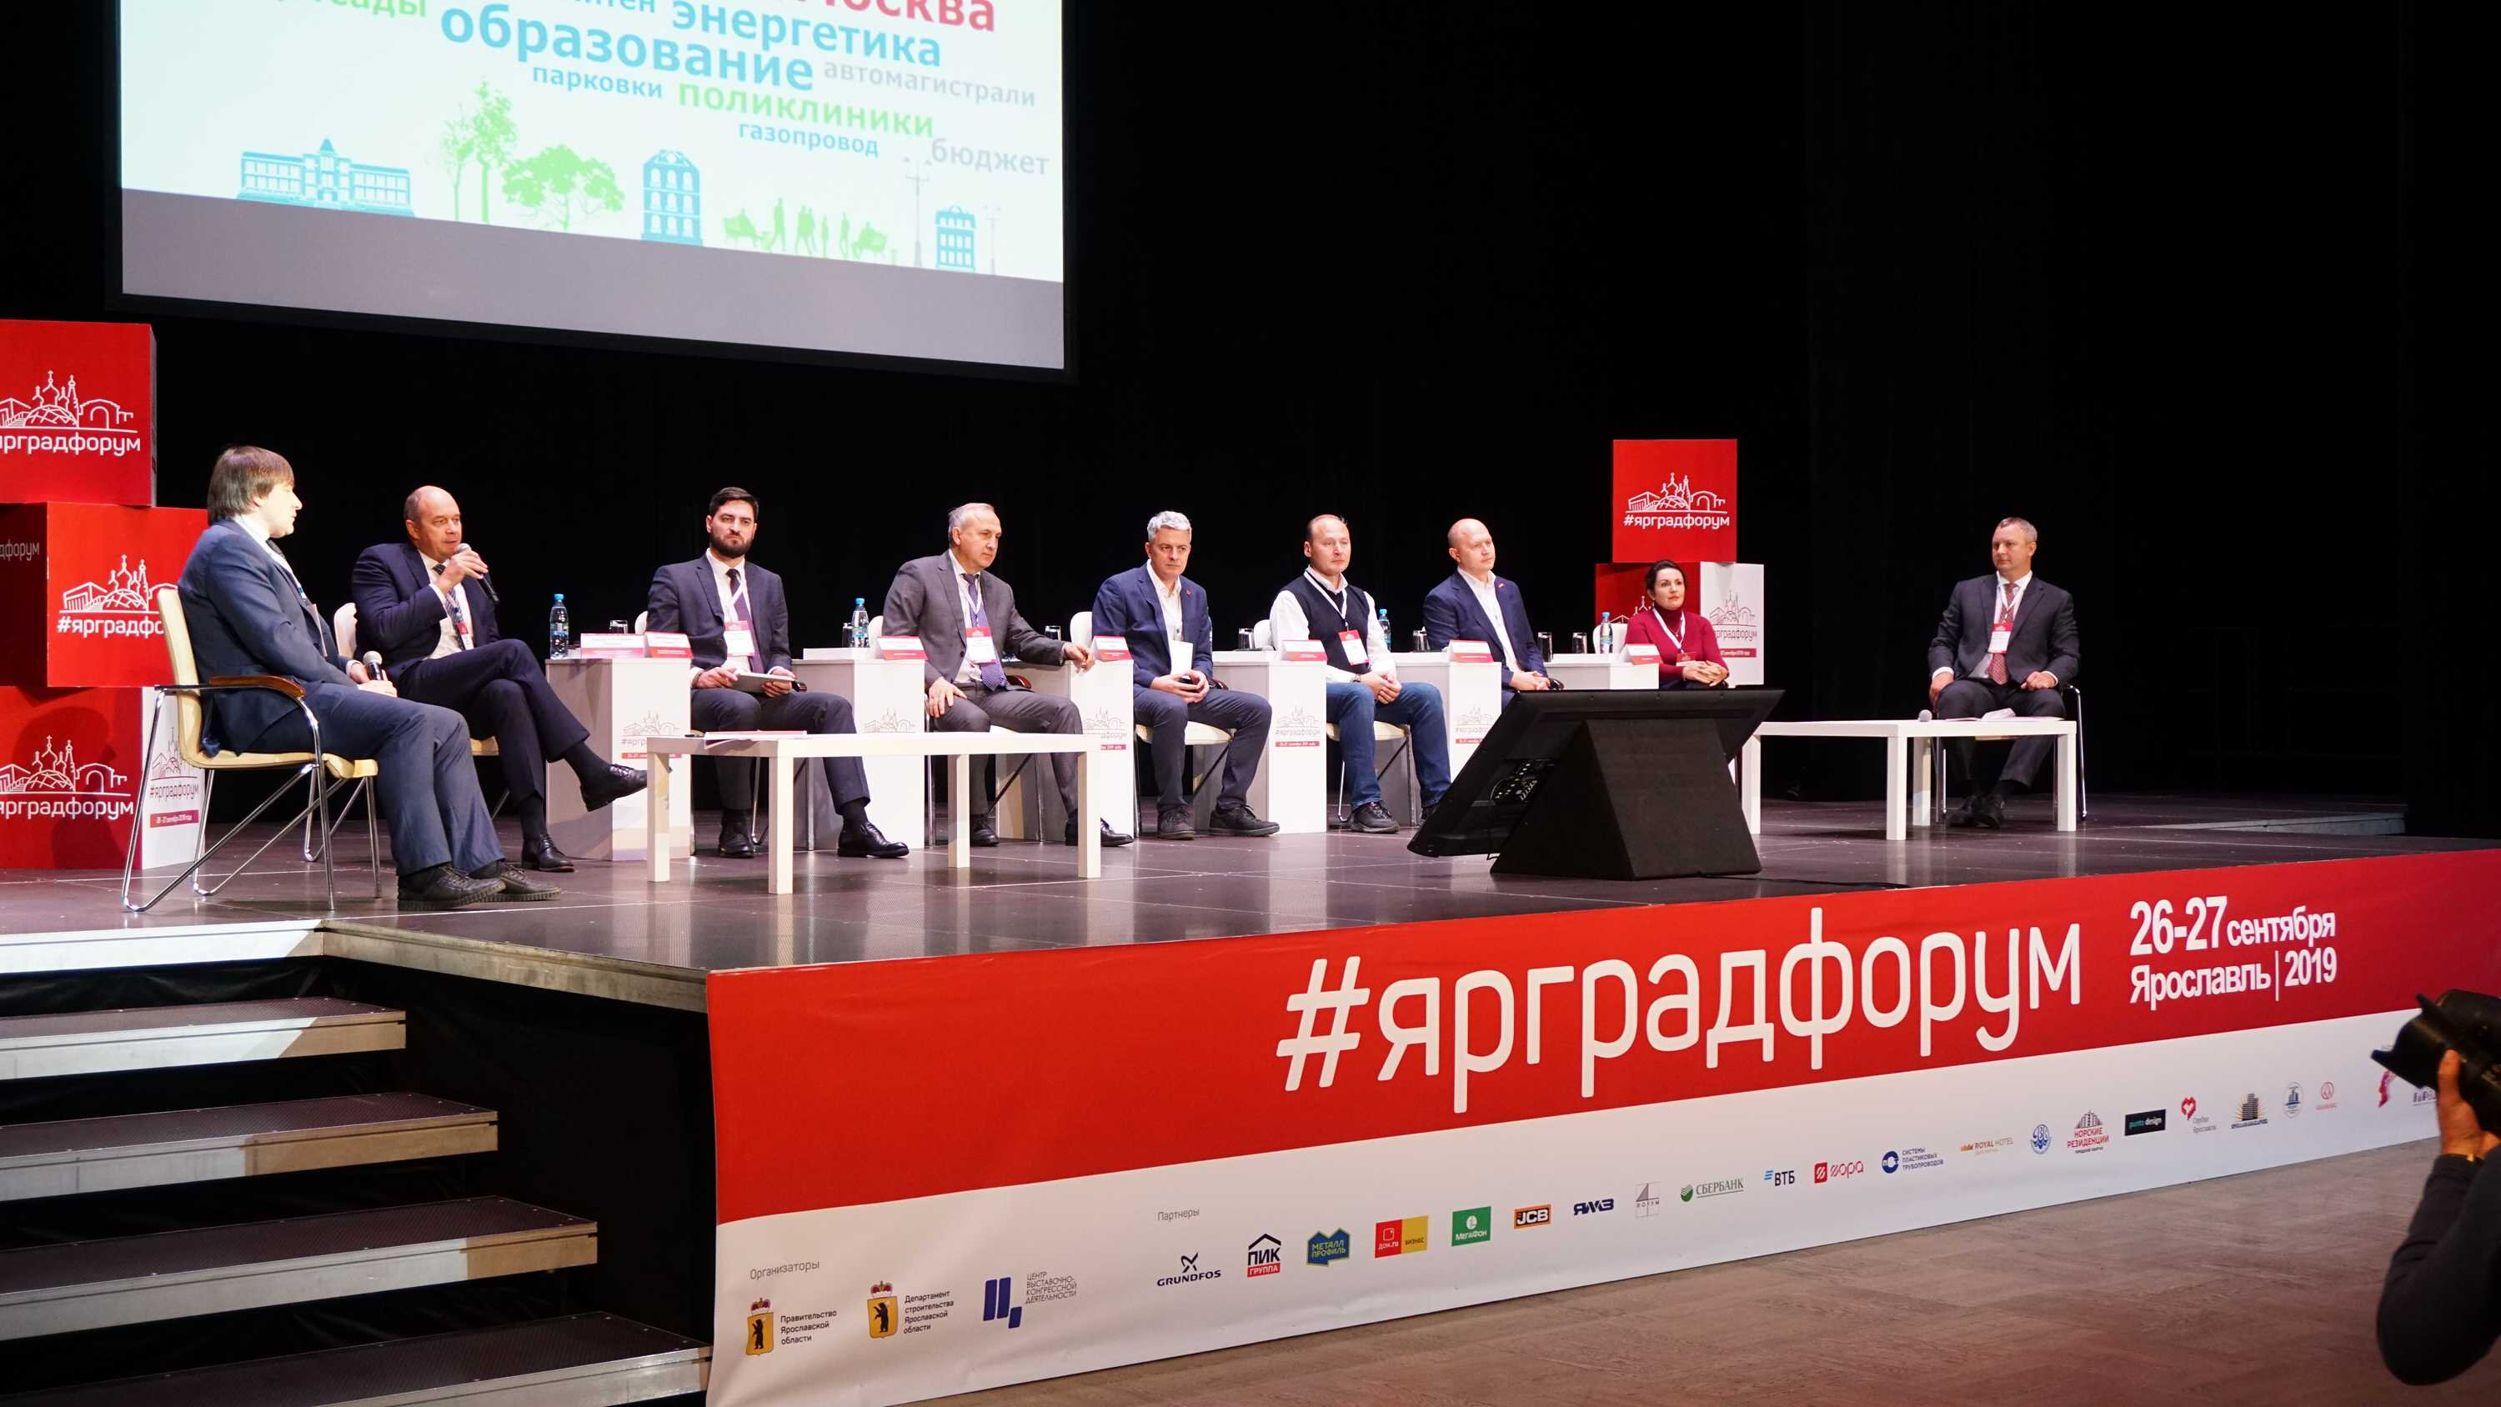 Дмитрий Миронов и Владимир Якушев приняли участие в работе II Ярославского межрегионального градостроительного форума